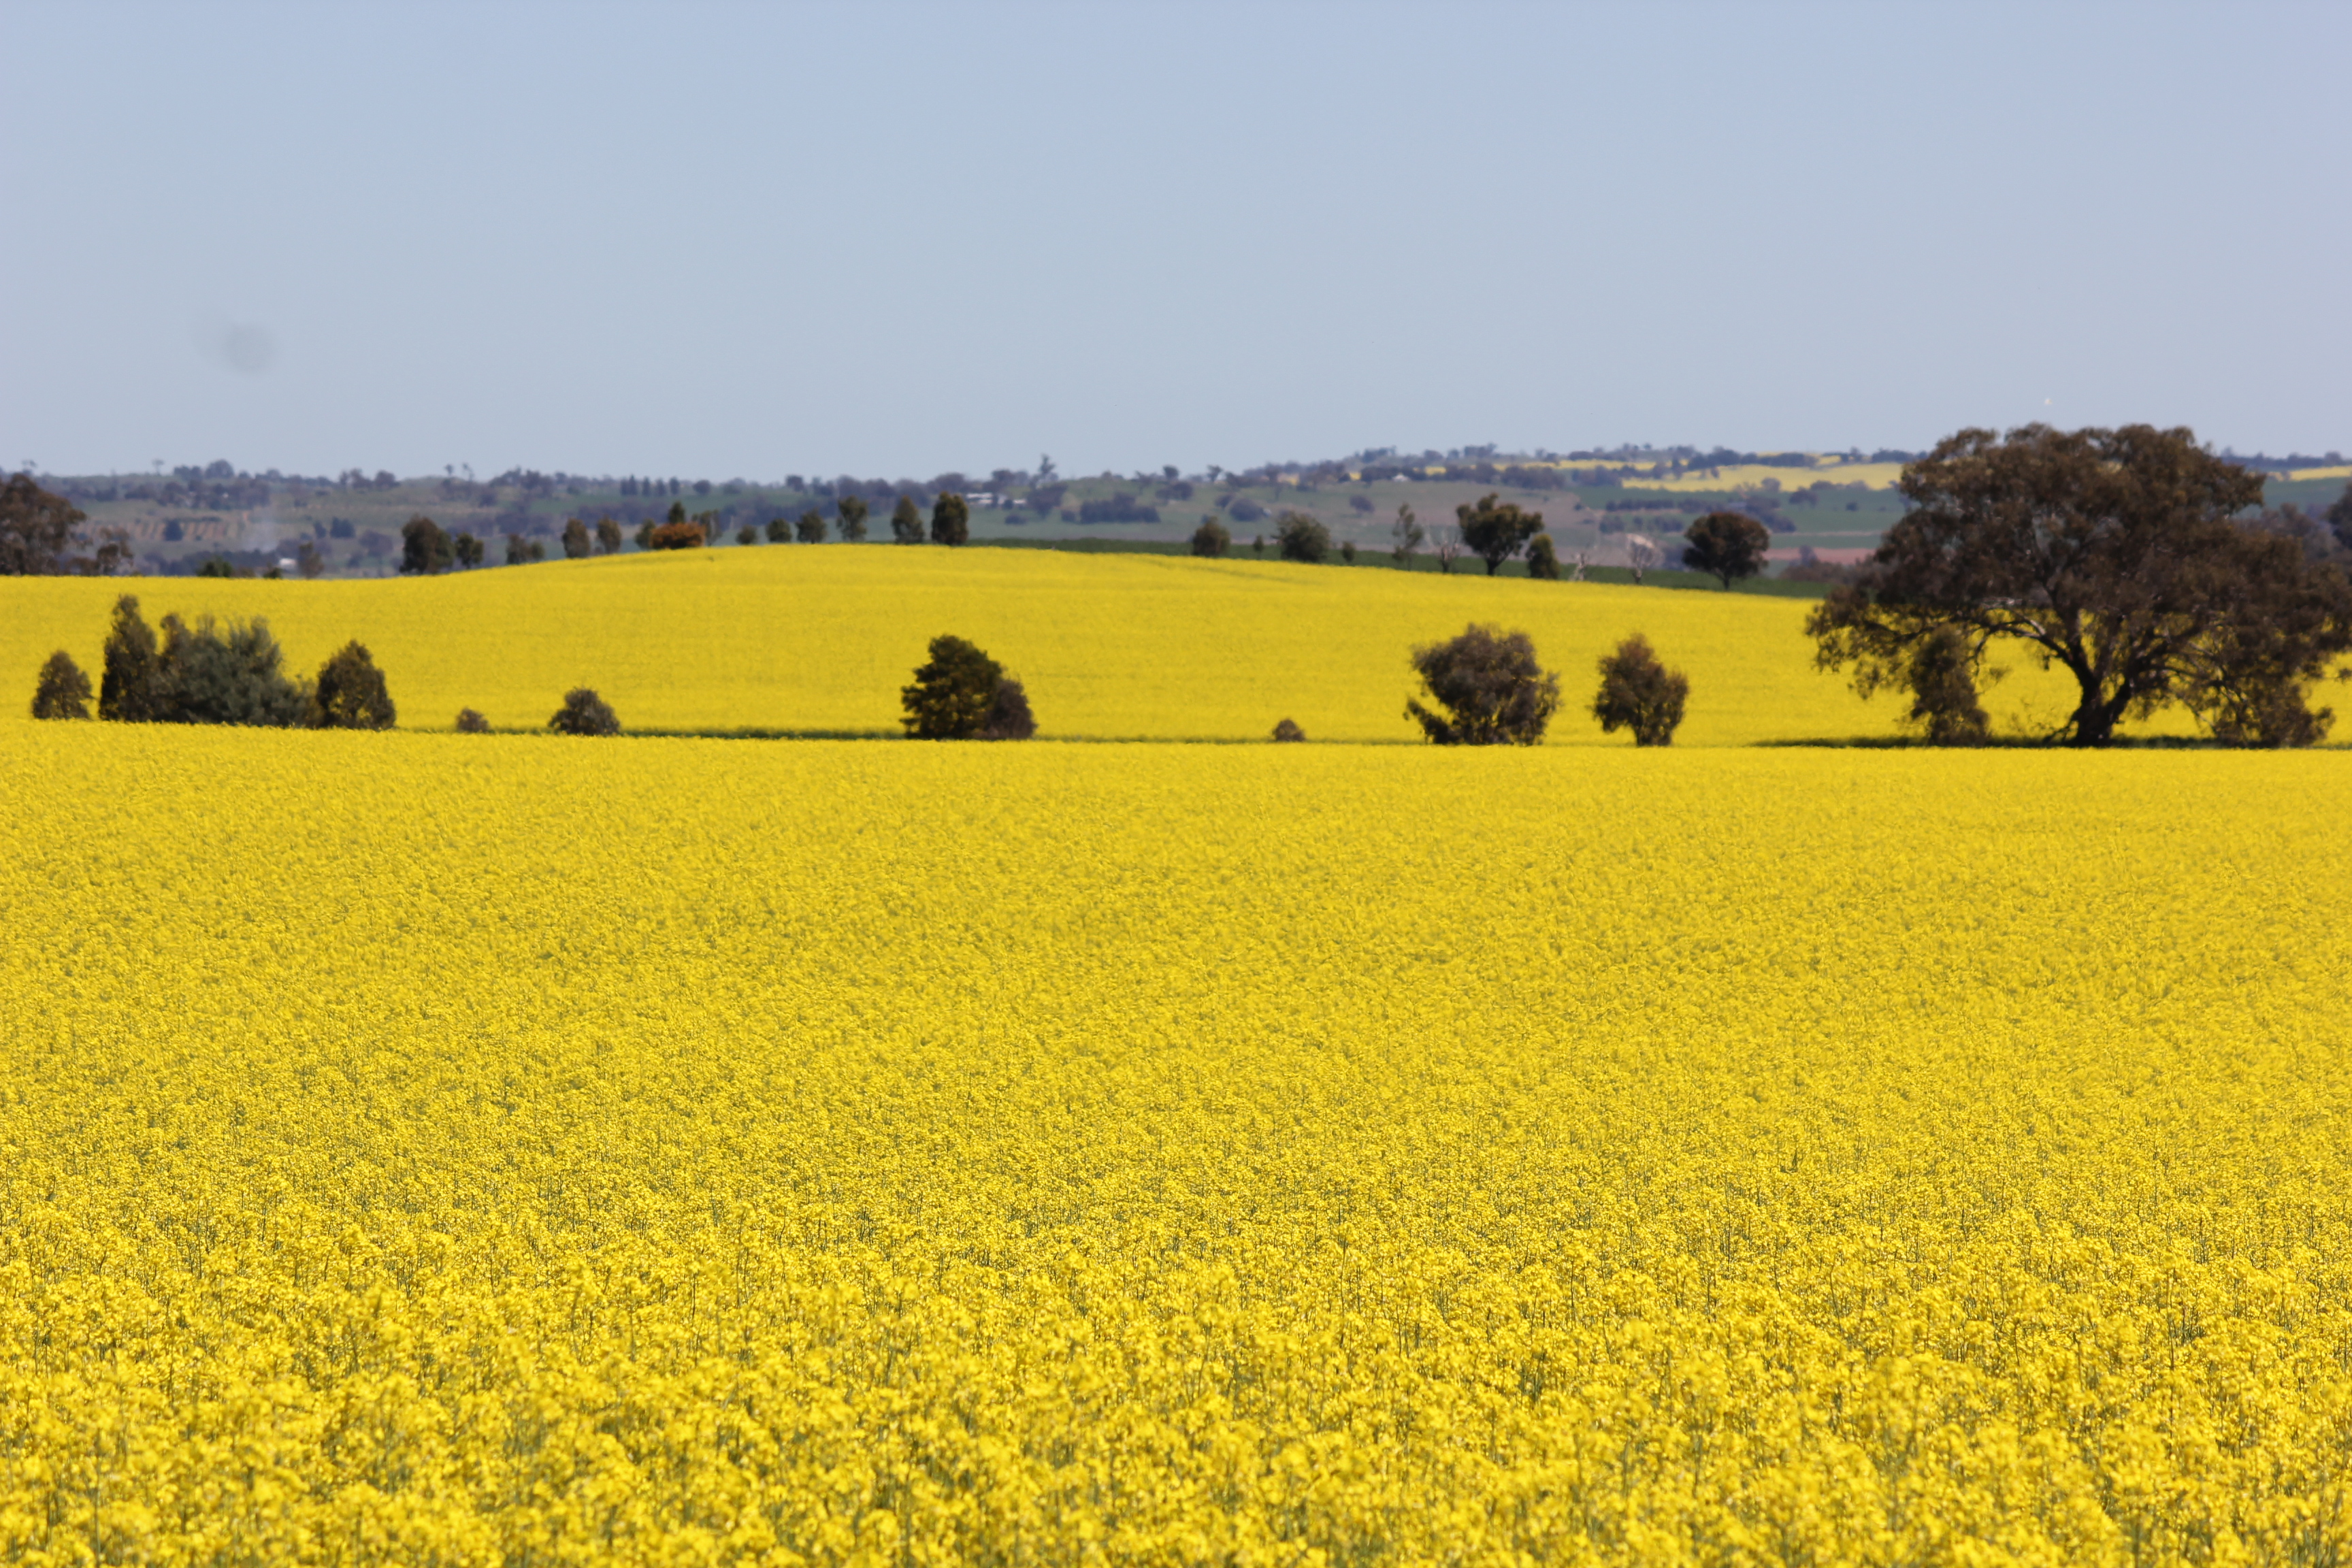 Field Of Yellow Flowers Bilbyandbear